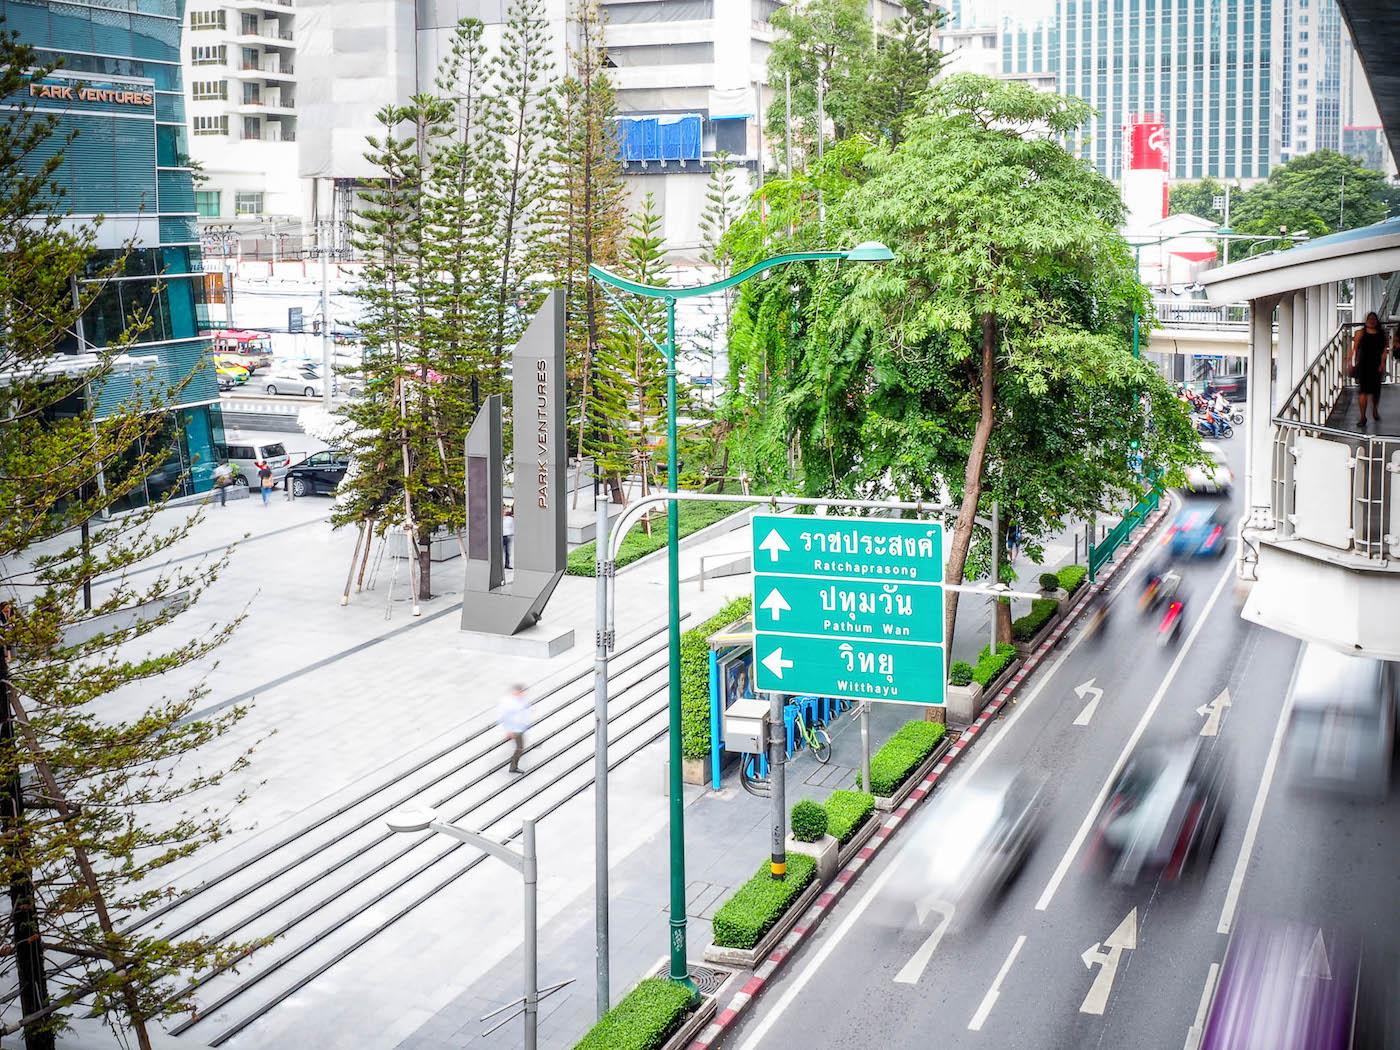 """7 เรื่องราว """"ถนนวิทยุ"""" ย่านนึงที่ไฮเอนด์ที่สุดในประเทศไทยที่คุณอาจยังไม่รู้ 22 - Bangkok"""